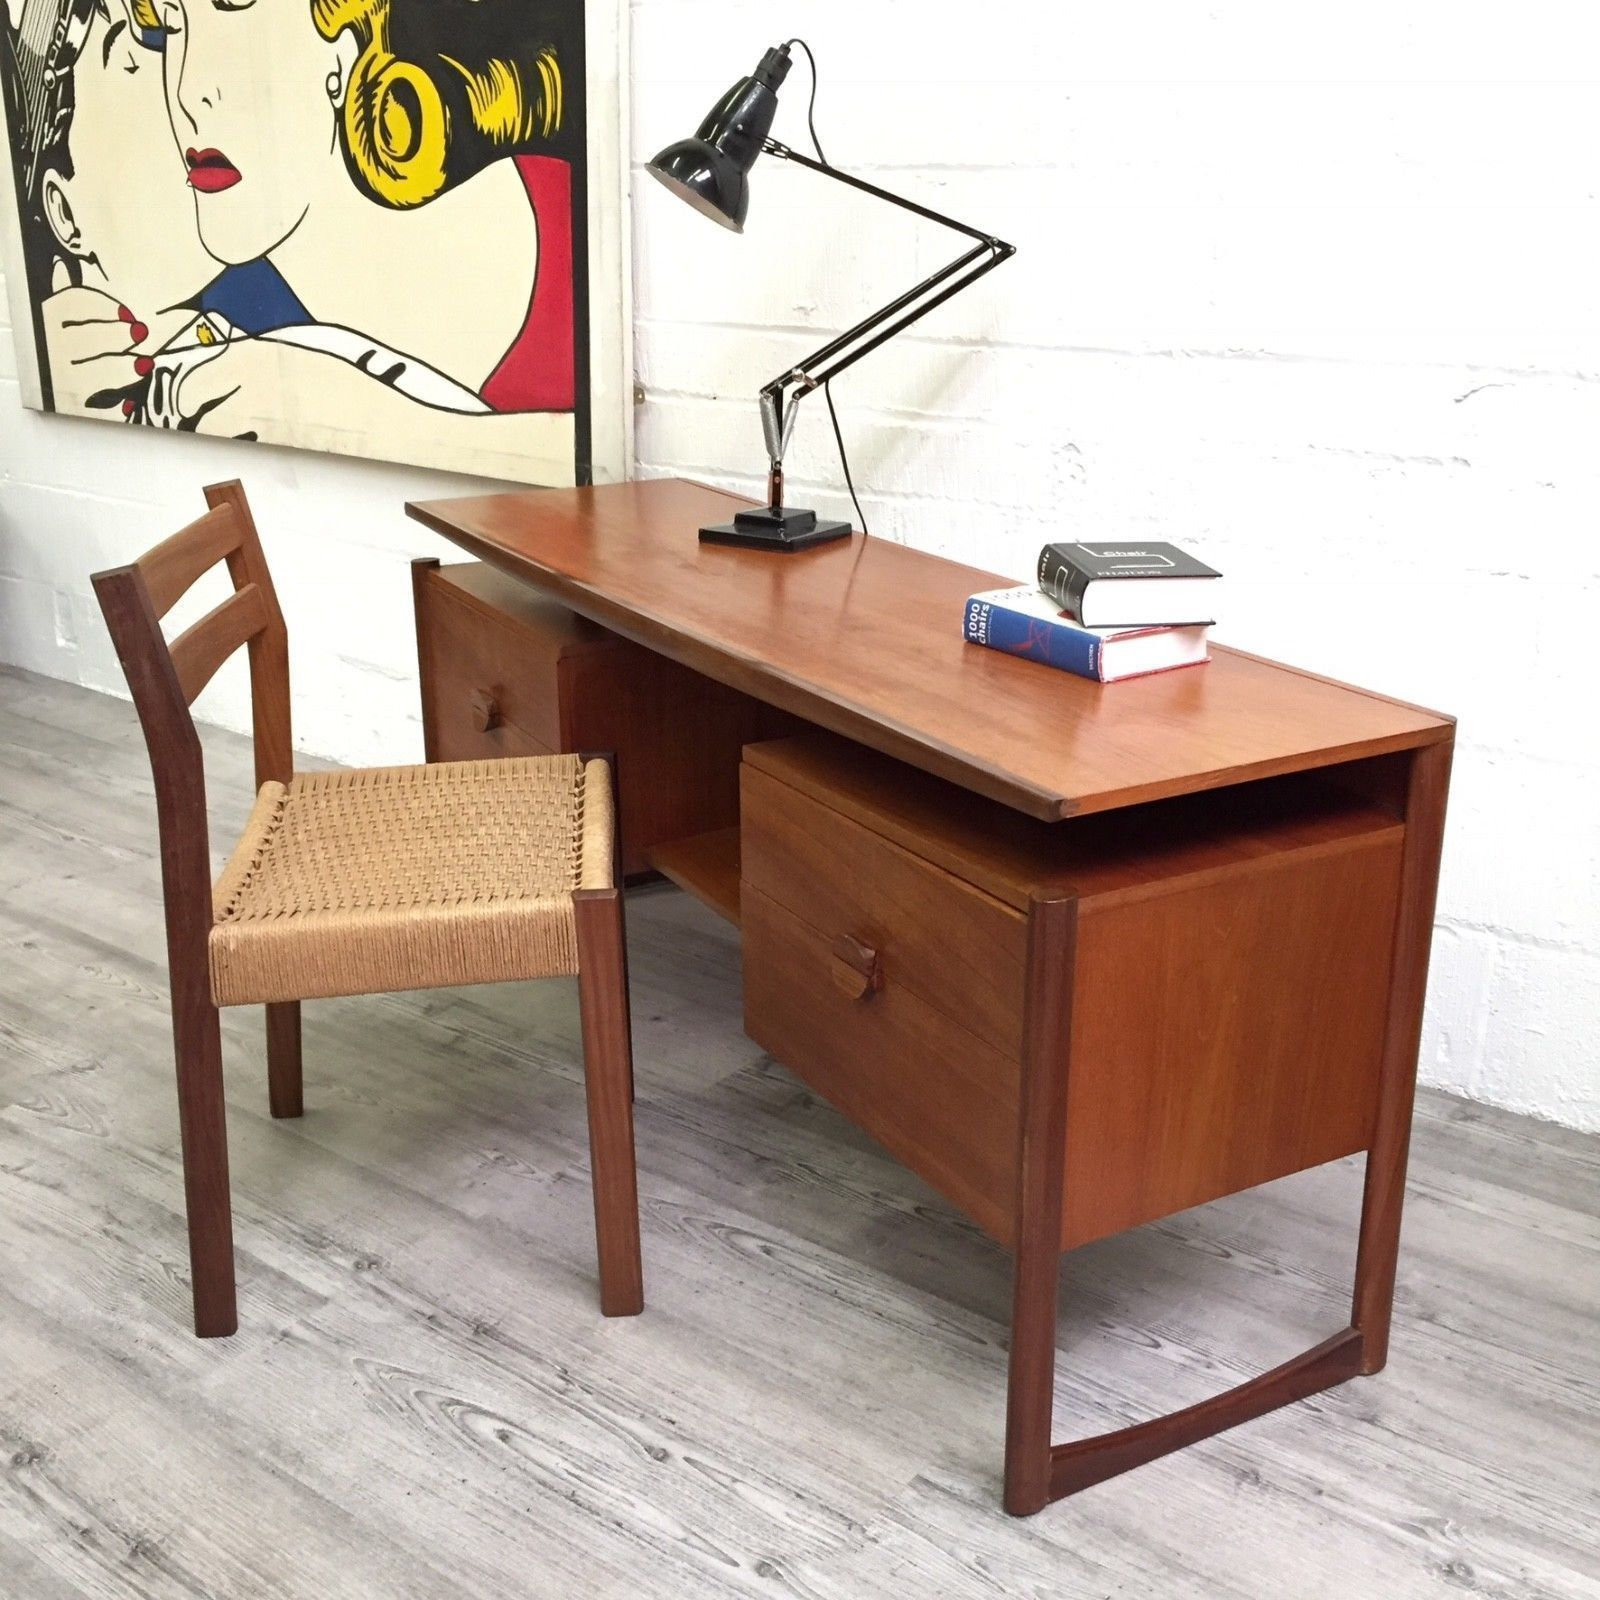 Danish Designed Teak Desk Floating Top